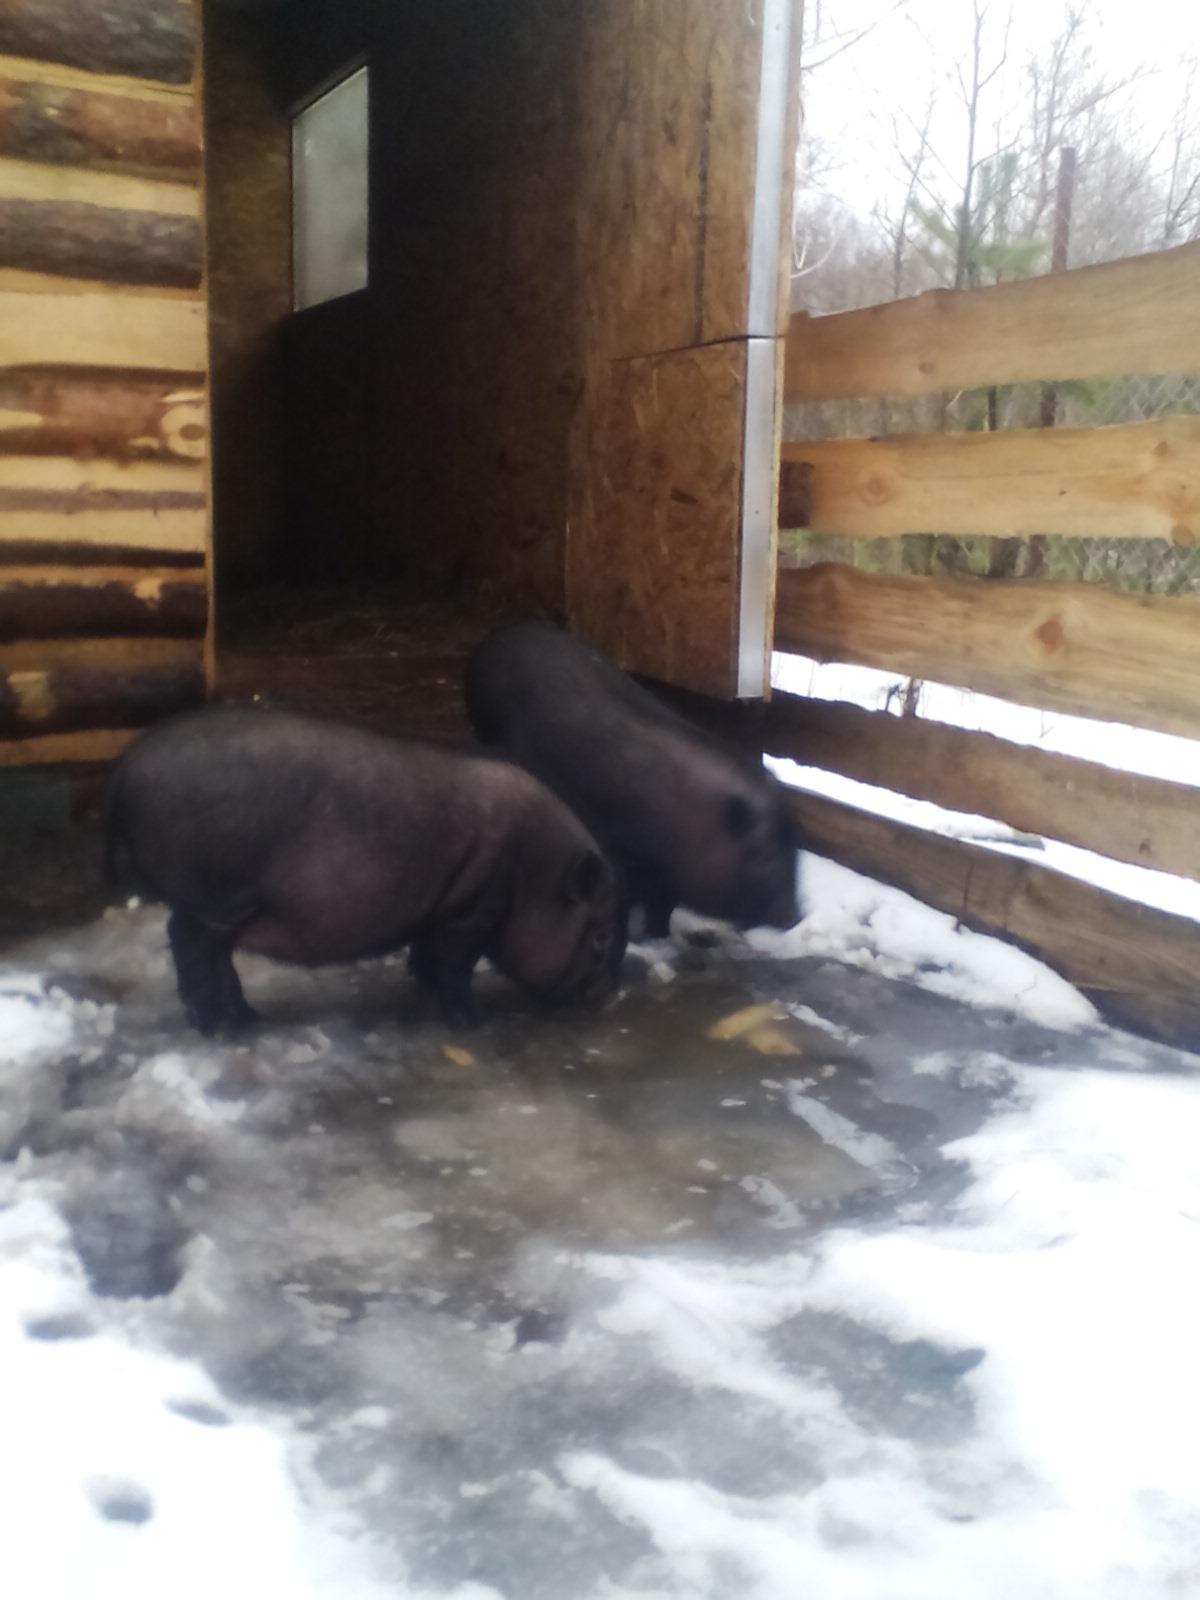 кормление - Вьетнамская вислобрюхая порода свиней (содержание, кормление и разведение) 0320728001456275572